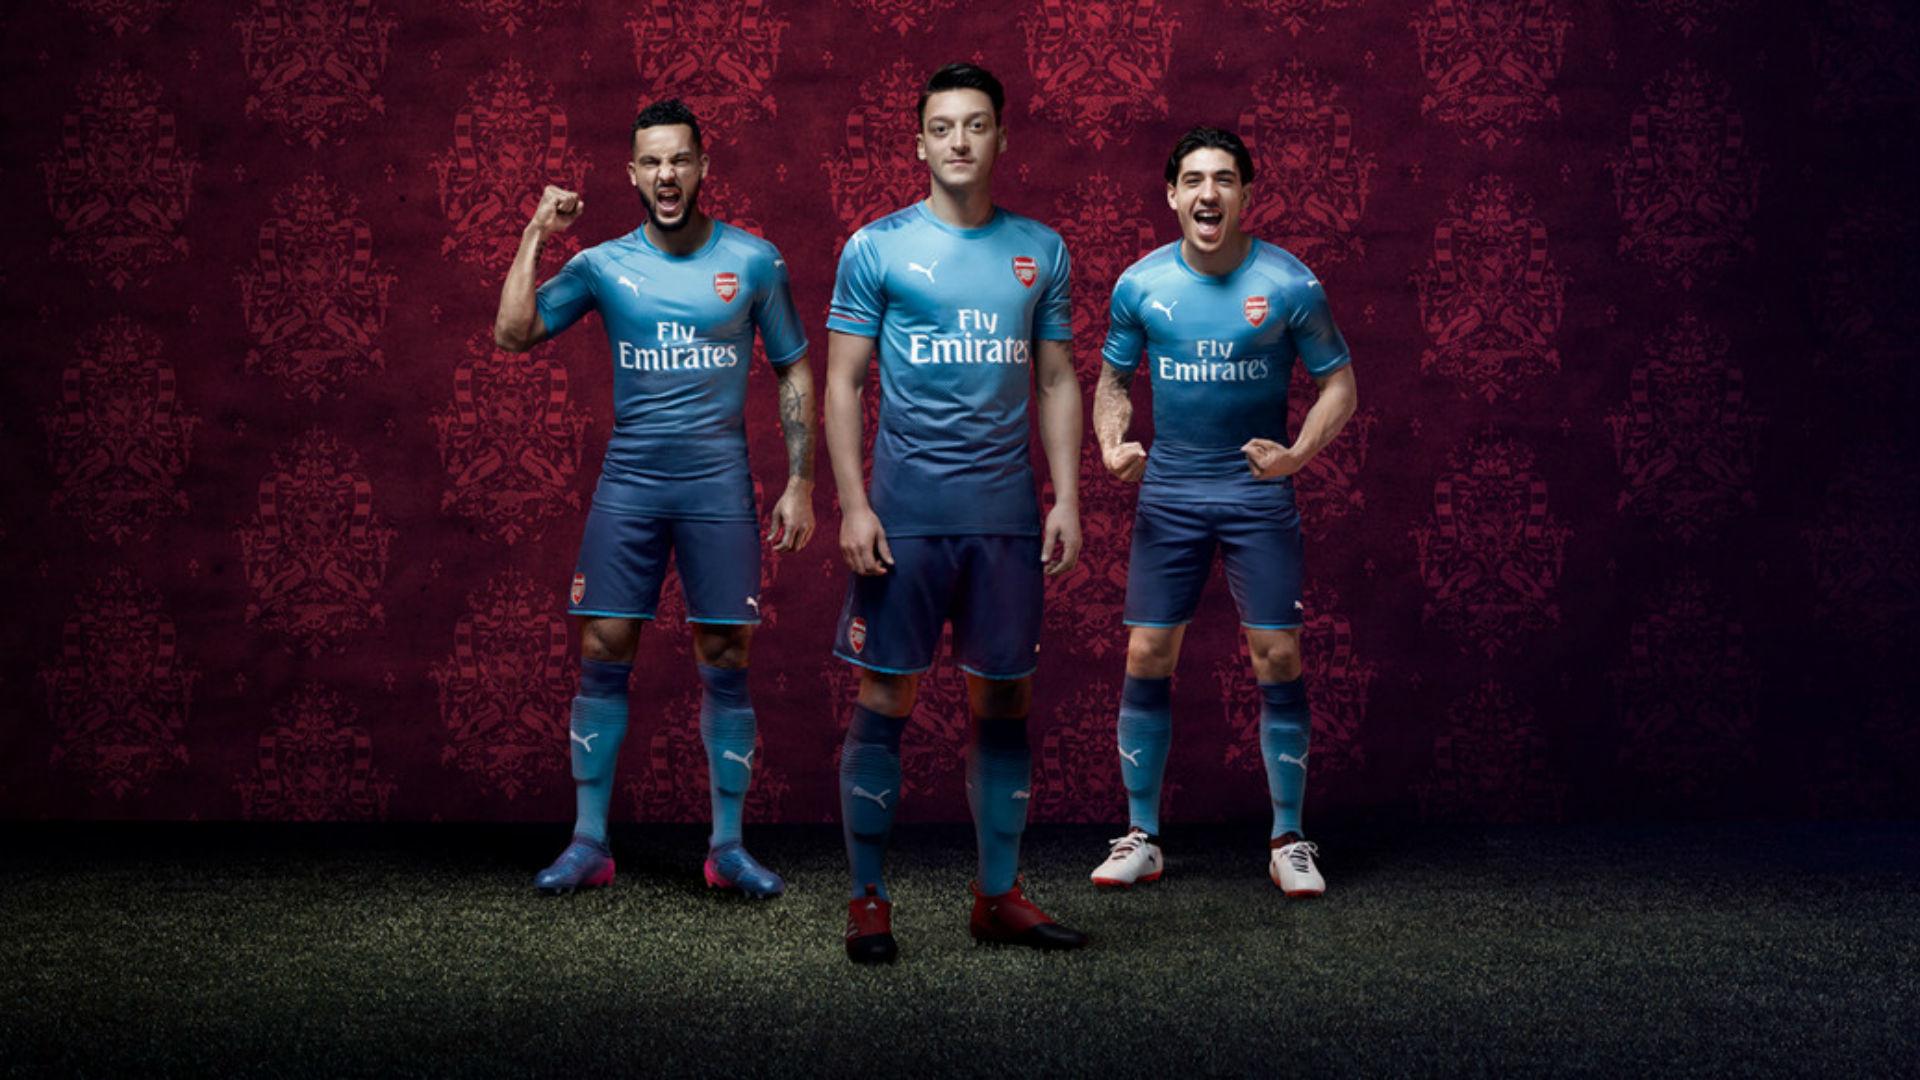 ebe937d1 1920x1080 Arsenal 2017 18 away kit.